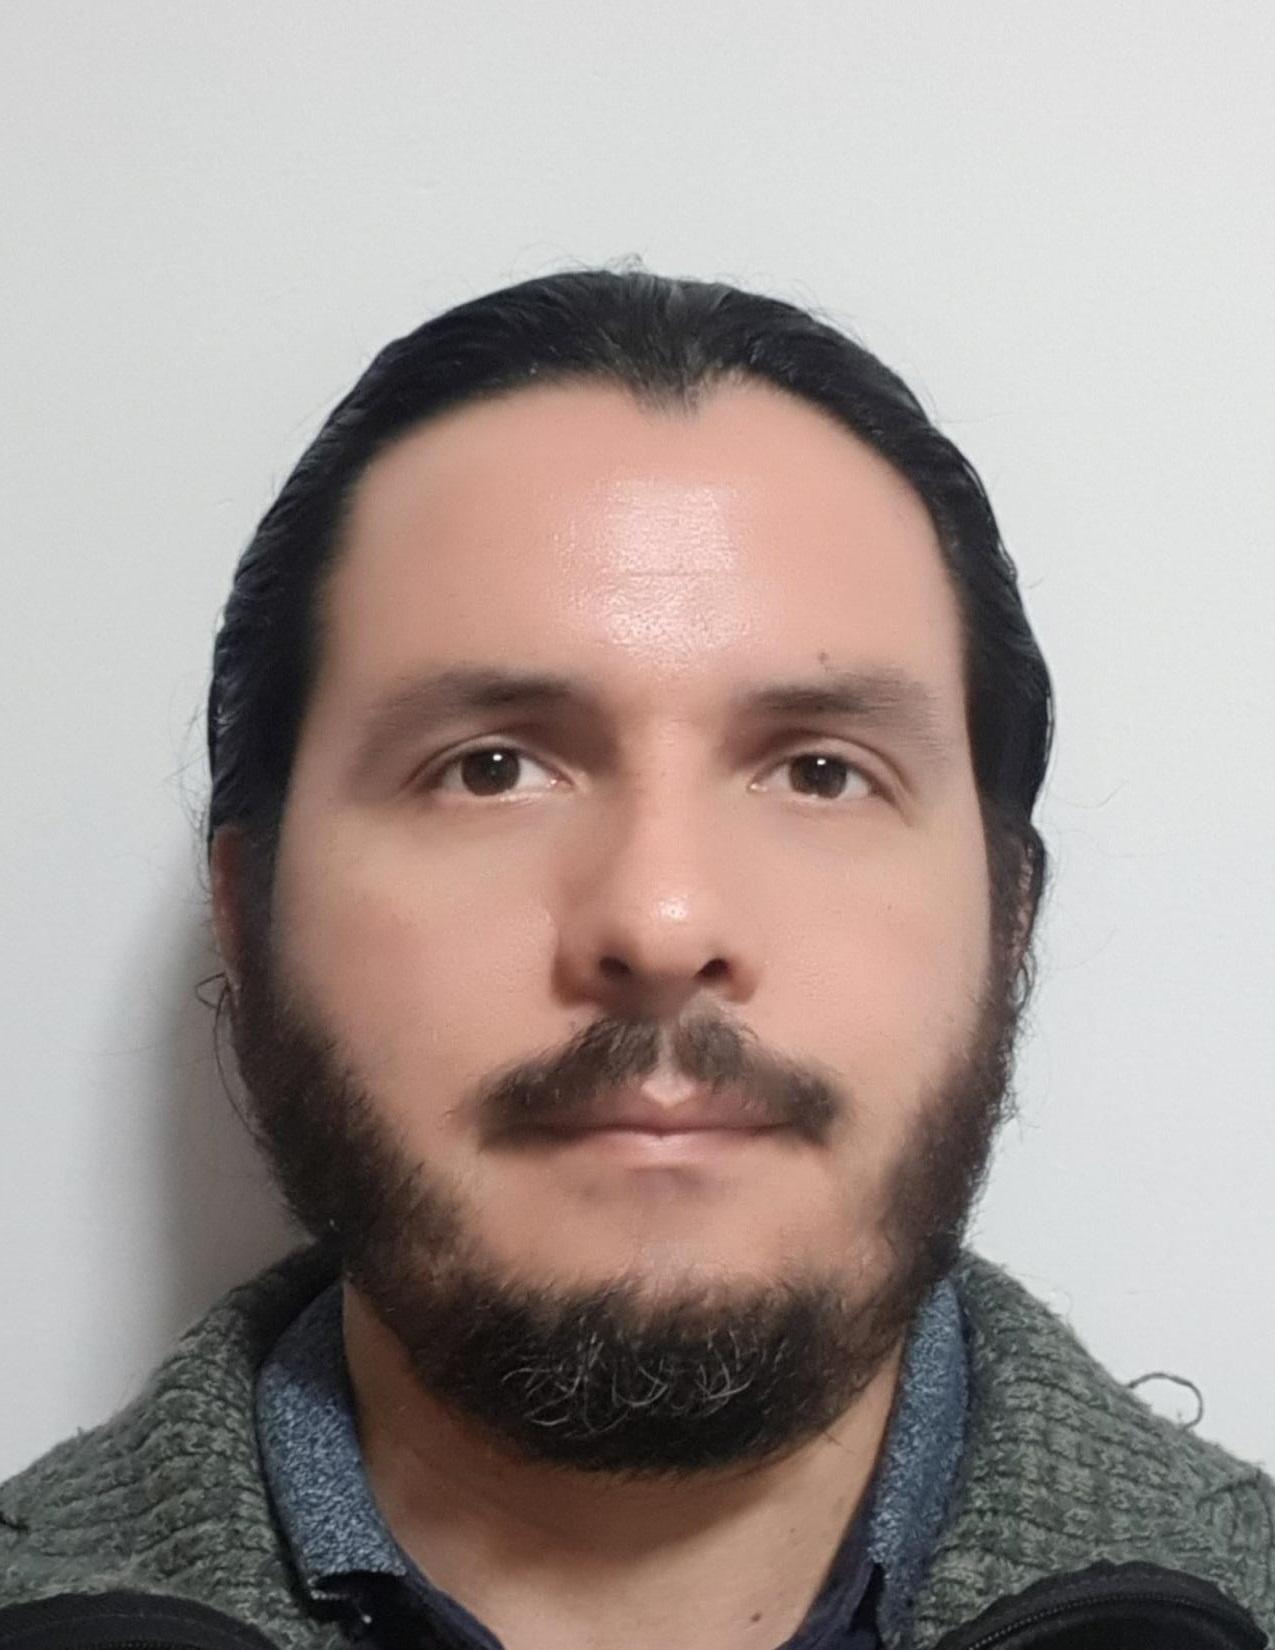 CPEF-T2A0220 Rolando Ruiz Echeverria